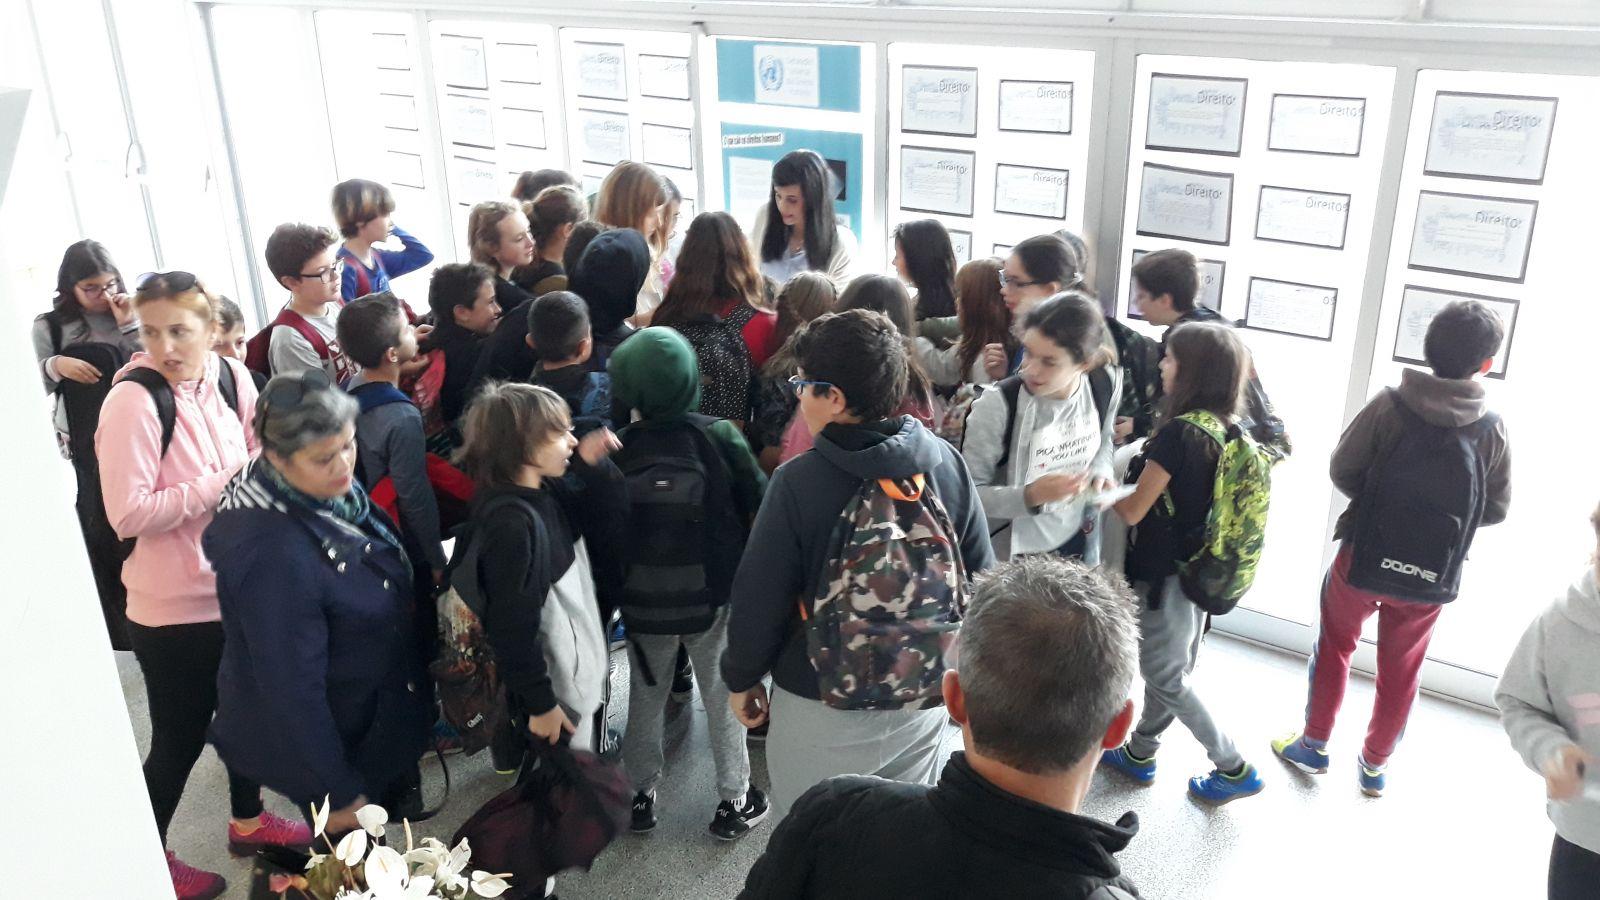 Ação de Sensibilização – Escola Básica Integrada da Horta, Faial